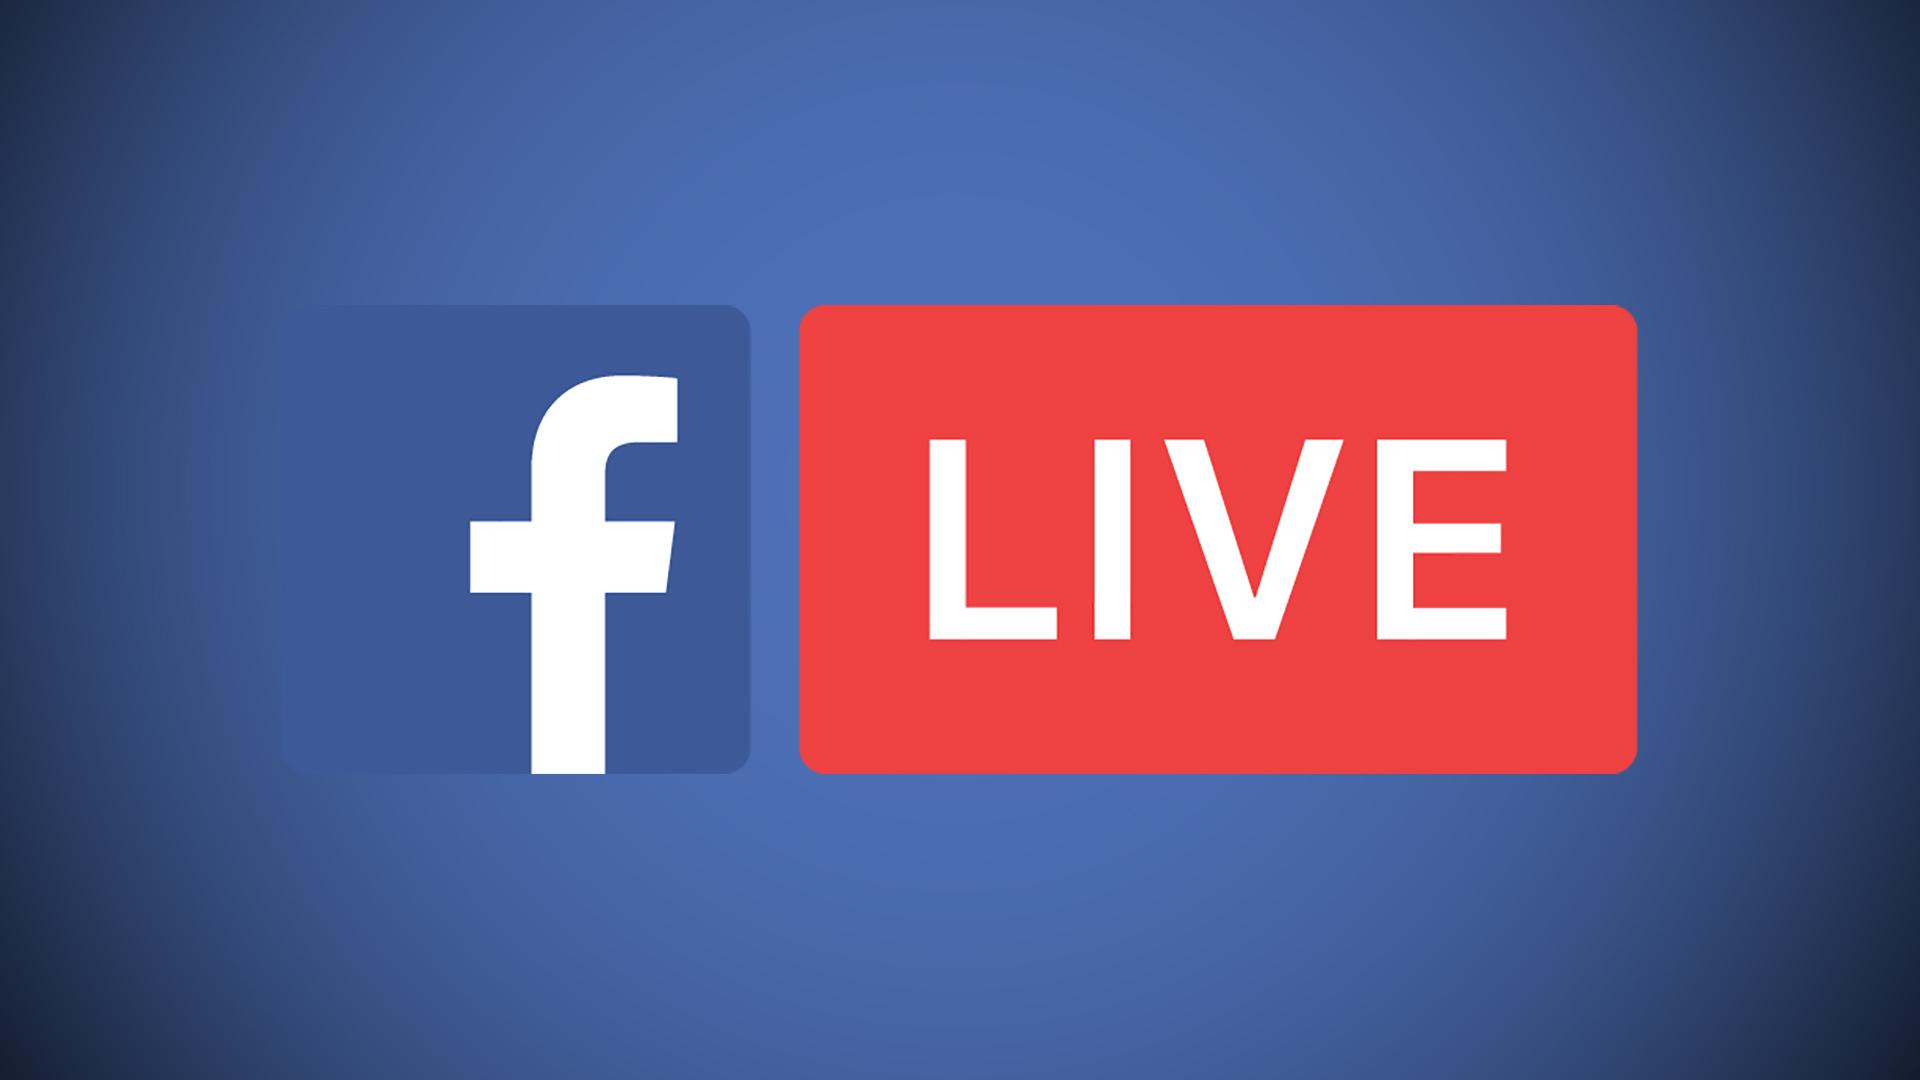 Mùa tới, Champions League sẽ được livestream trên Facebook - Bóng Đá